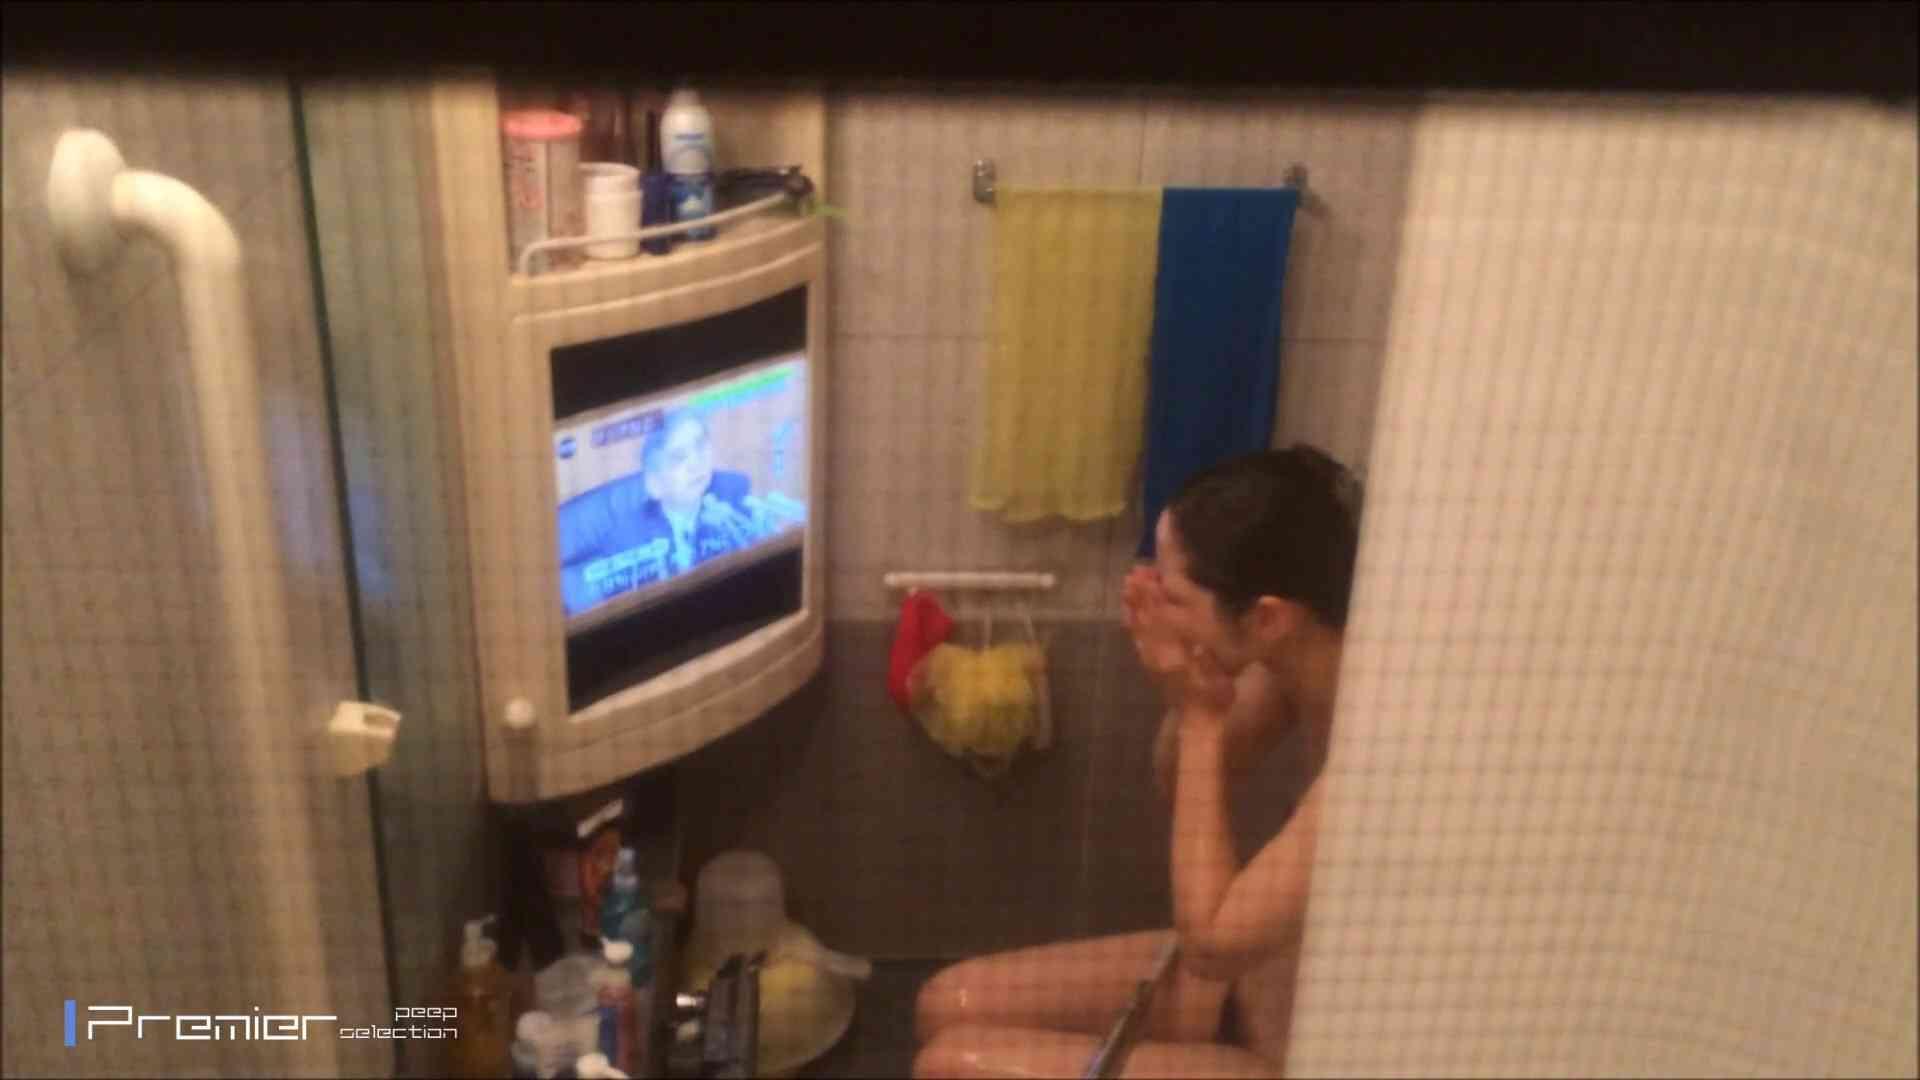 美女のテレビを見ながらの入浴 乙女の風呂場 Vol.21 丸見え エロ画像 85枚 77